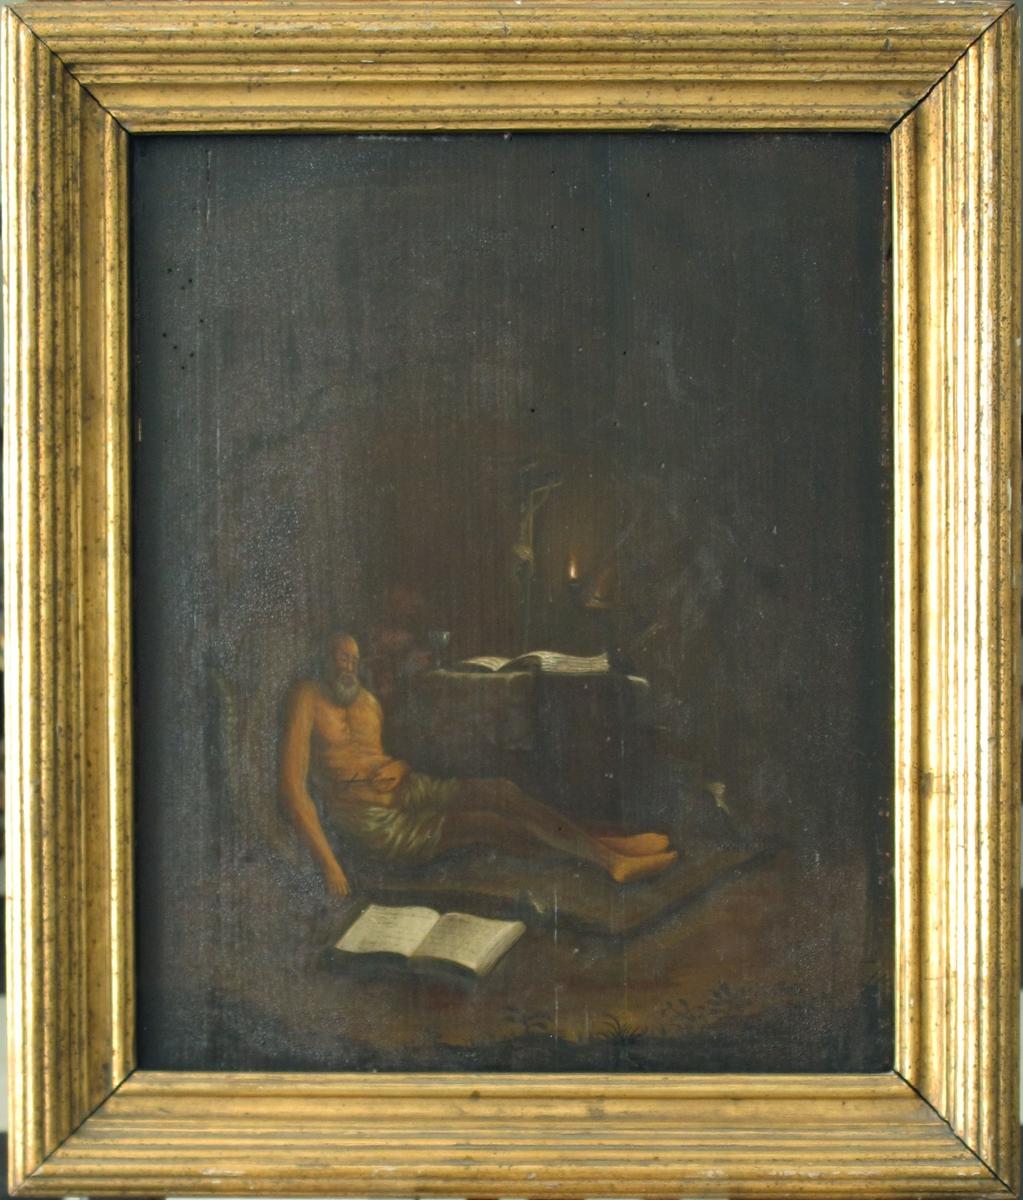 Helgenmotiv. I en grotte, halvt sitter, halvt ligger den hellige Hieronymus, en gråskjegget, naken olding, kun med et lendeklede, høyre hånd henger slapt ned langs siden, i venstre holder han et lite sort trekors. Hieronymus er hensunket i dyp meditasjon. På et bord med grov duk i bakgrunne, svakt opplyst av en liten lampe, sees en stor foliant, en liten amfora og et krusifiks. Oppslått på marken i forgrunne ligger en stor foliant. Gresstrå og vekster helt i nedre bildekant, hele bakgrunnen fortaper seg i brunt mørke, antagelig grotten. En liggende løve vil kanskje finnes tll høyre for helgenens føtter ved rensing av bildet.